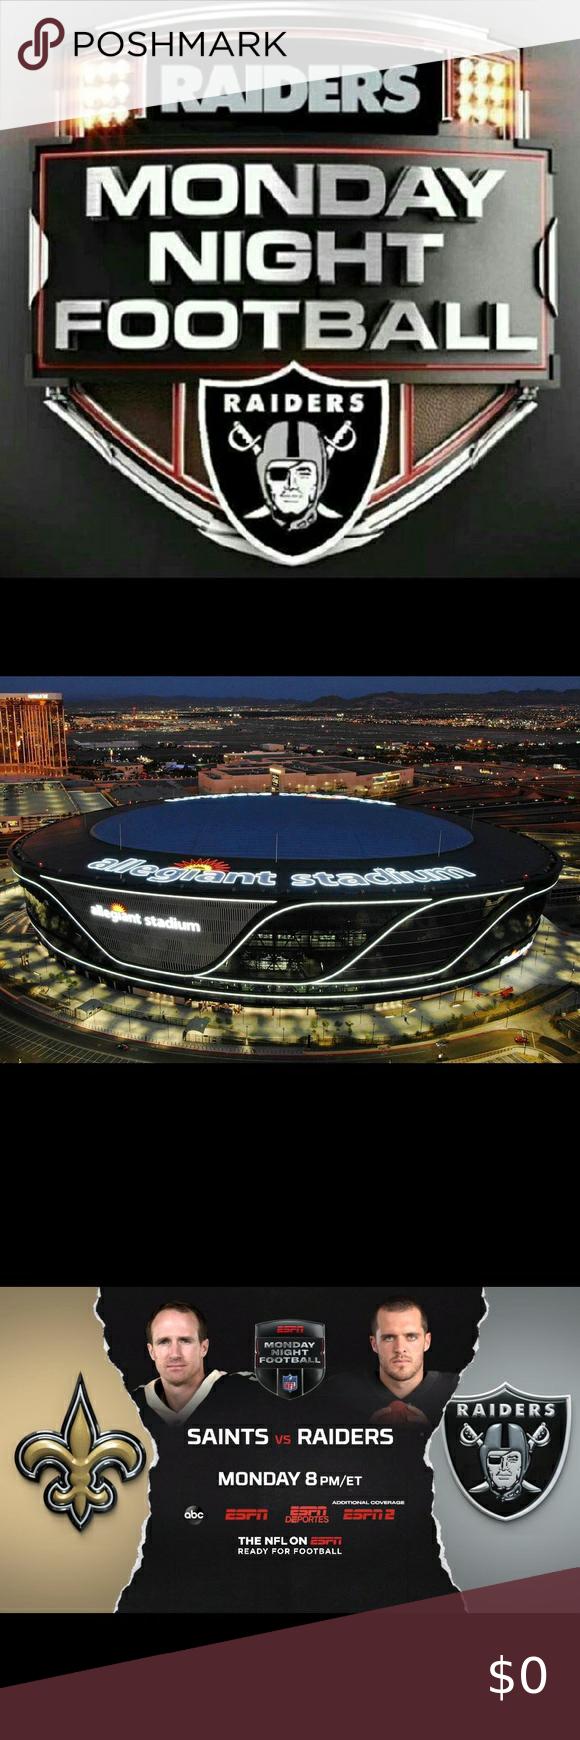 Congratulations Raiders Nfl Monday Night Football Monday Night Football Monday Night Nfl Fans